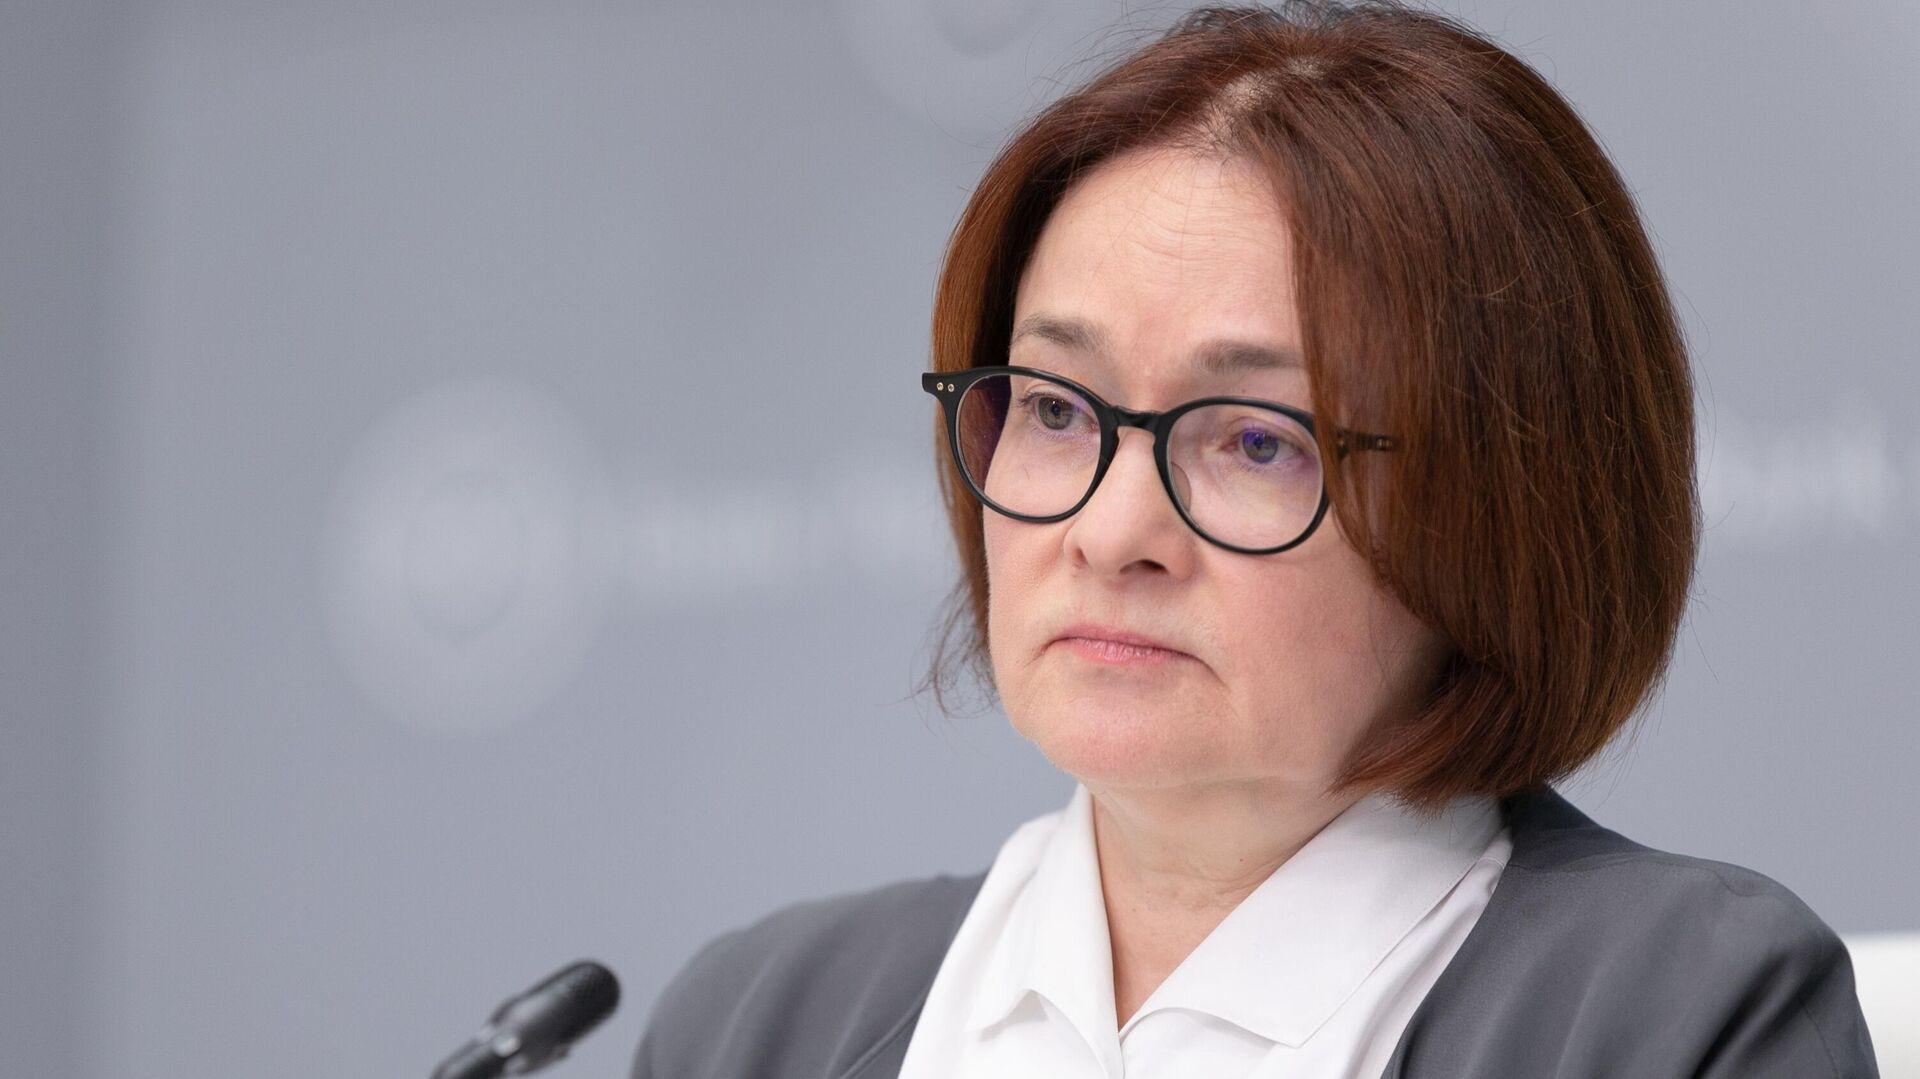 Председатель Центрального банка РФ Эльвира Набиуллина - РИА Новости, 1920, 25.11.2020